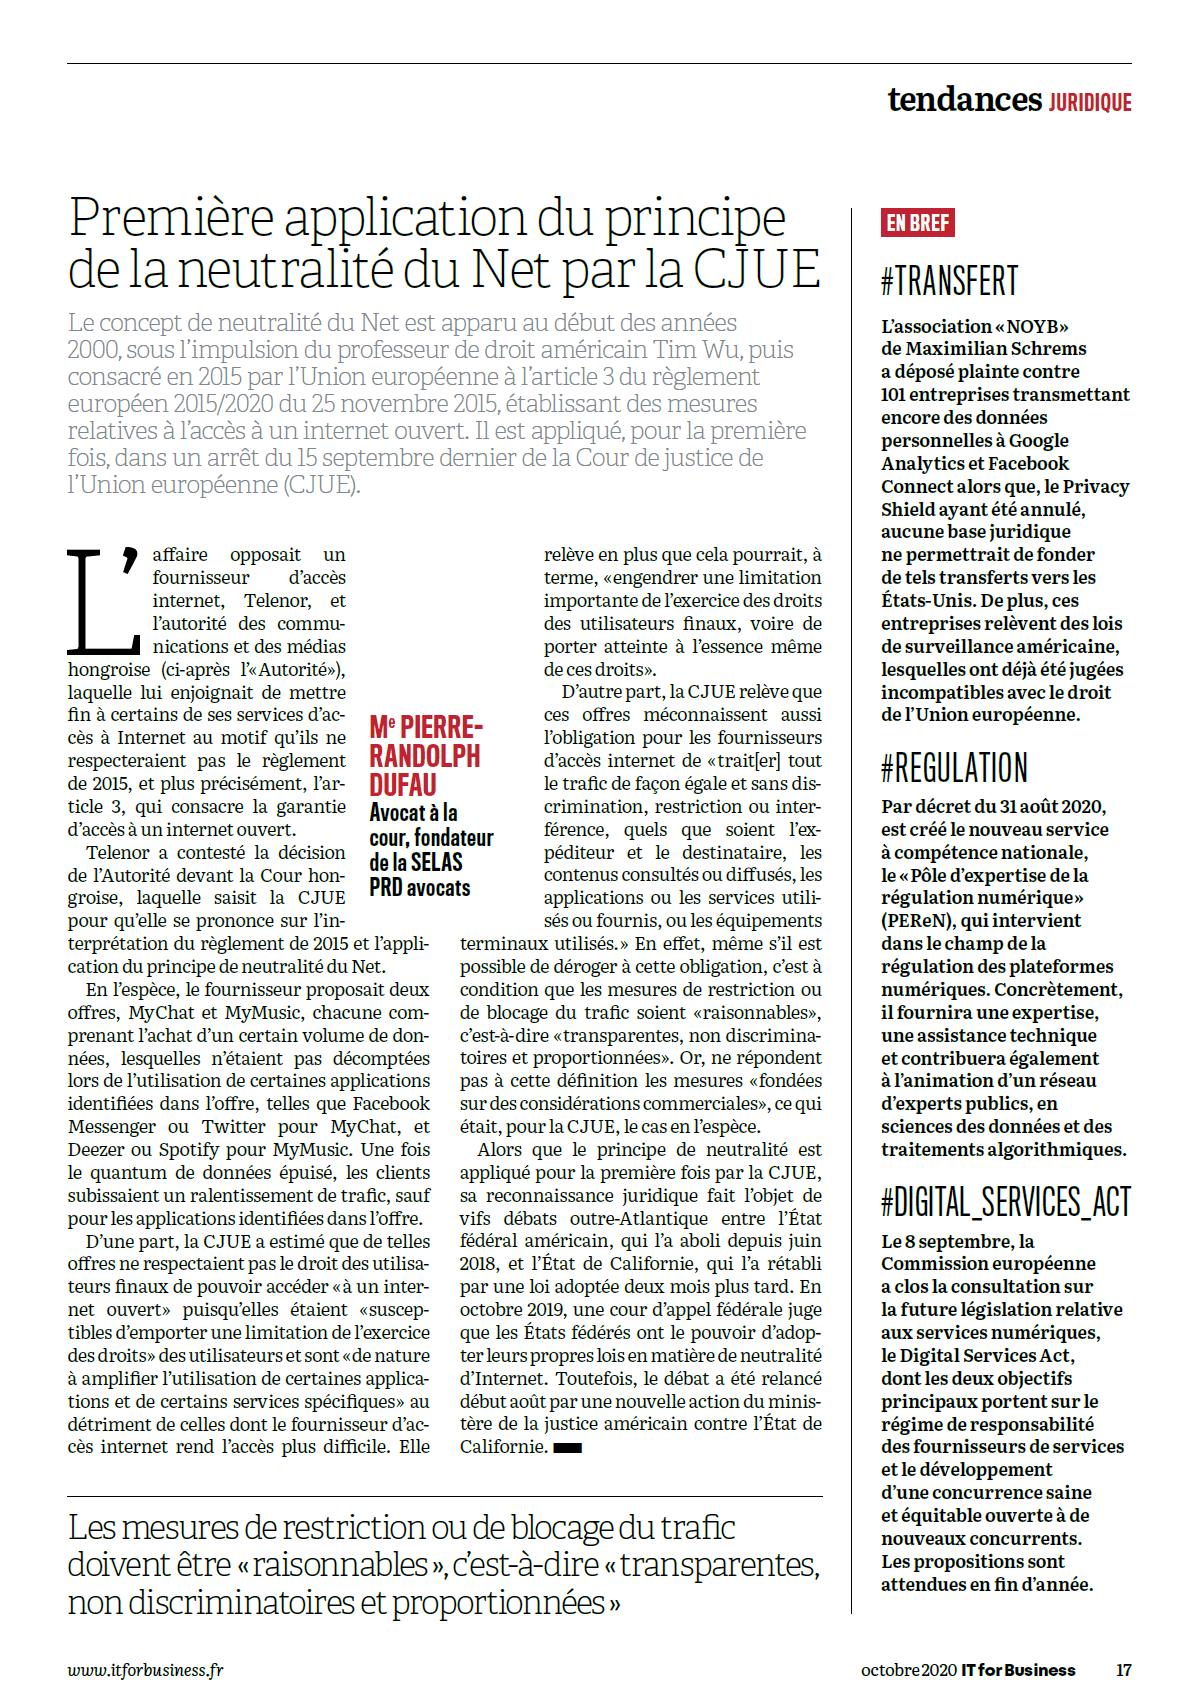 Première application du principe de la neutralité du NET par la CJUE